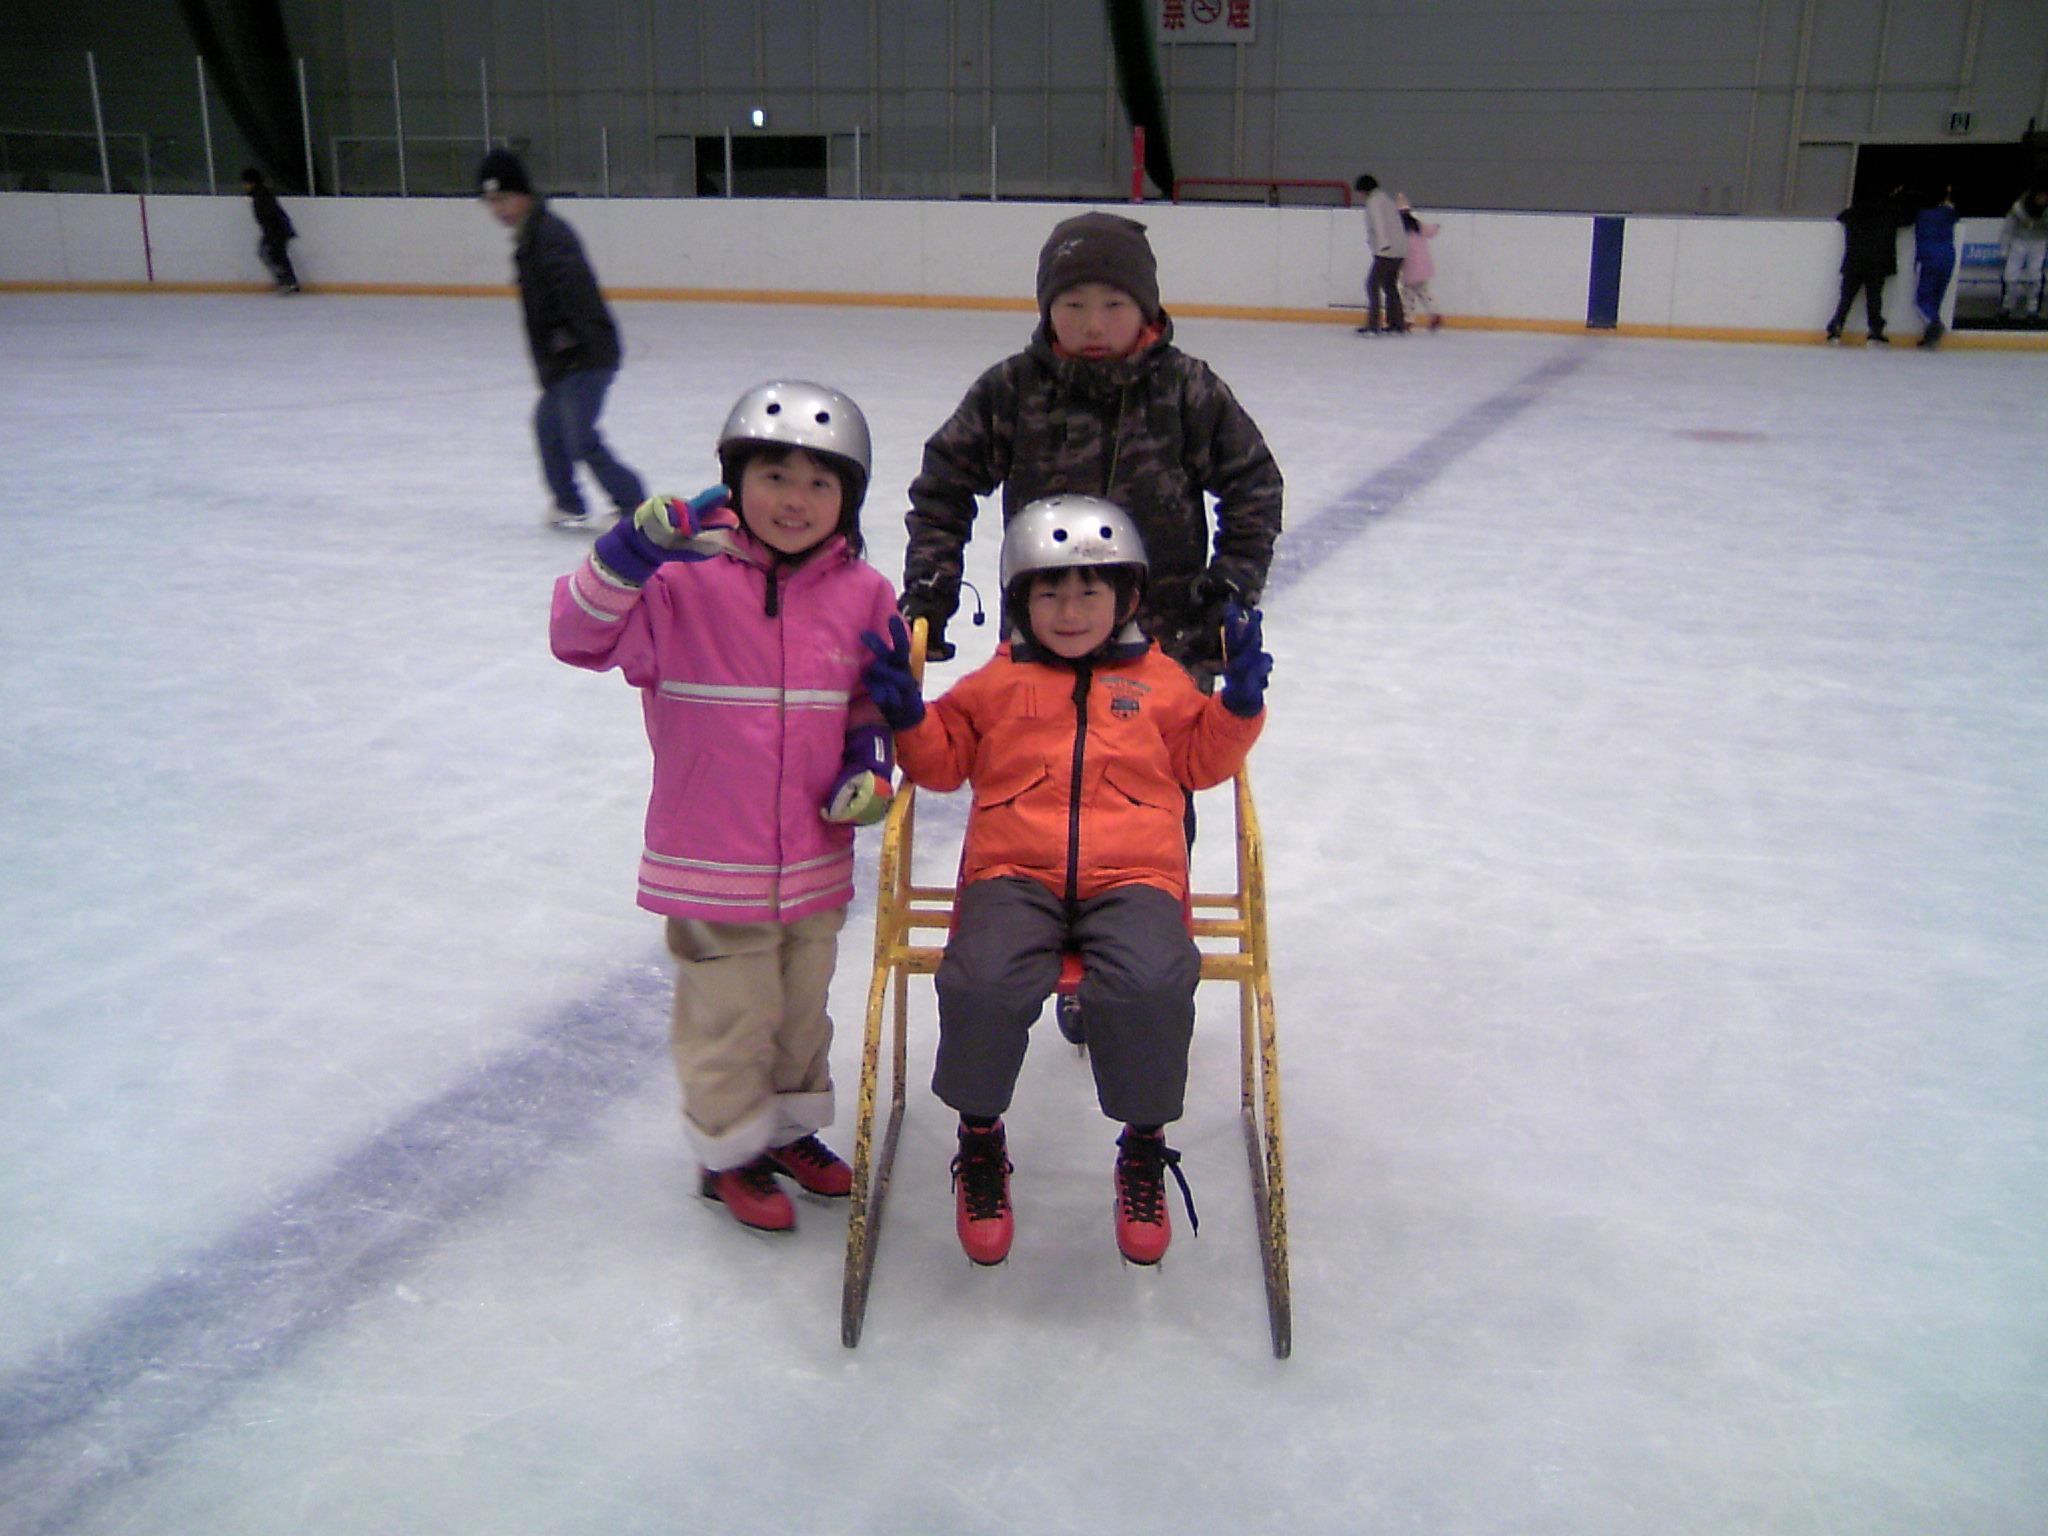 スケート、スケート楽しいな〜